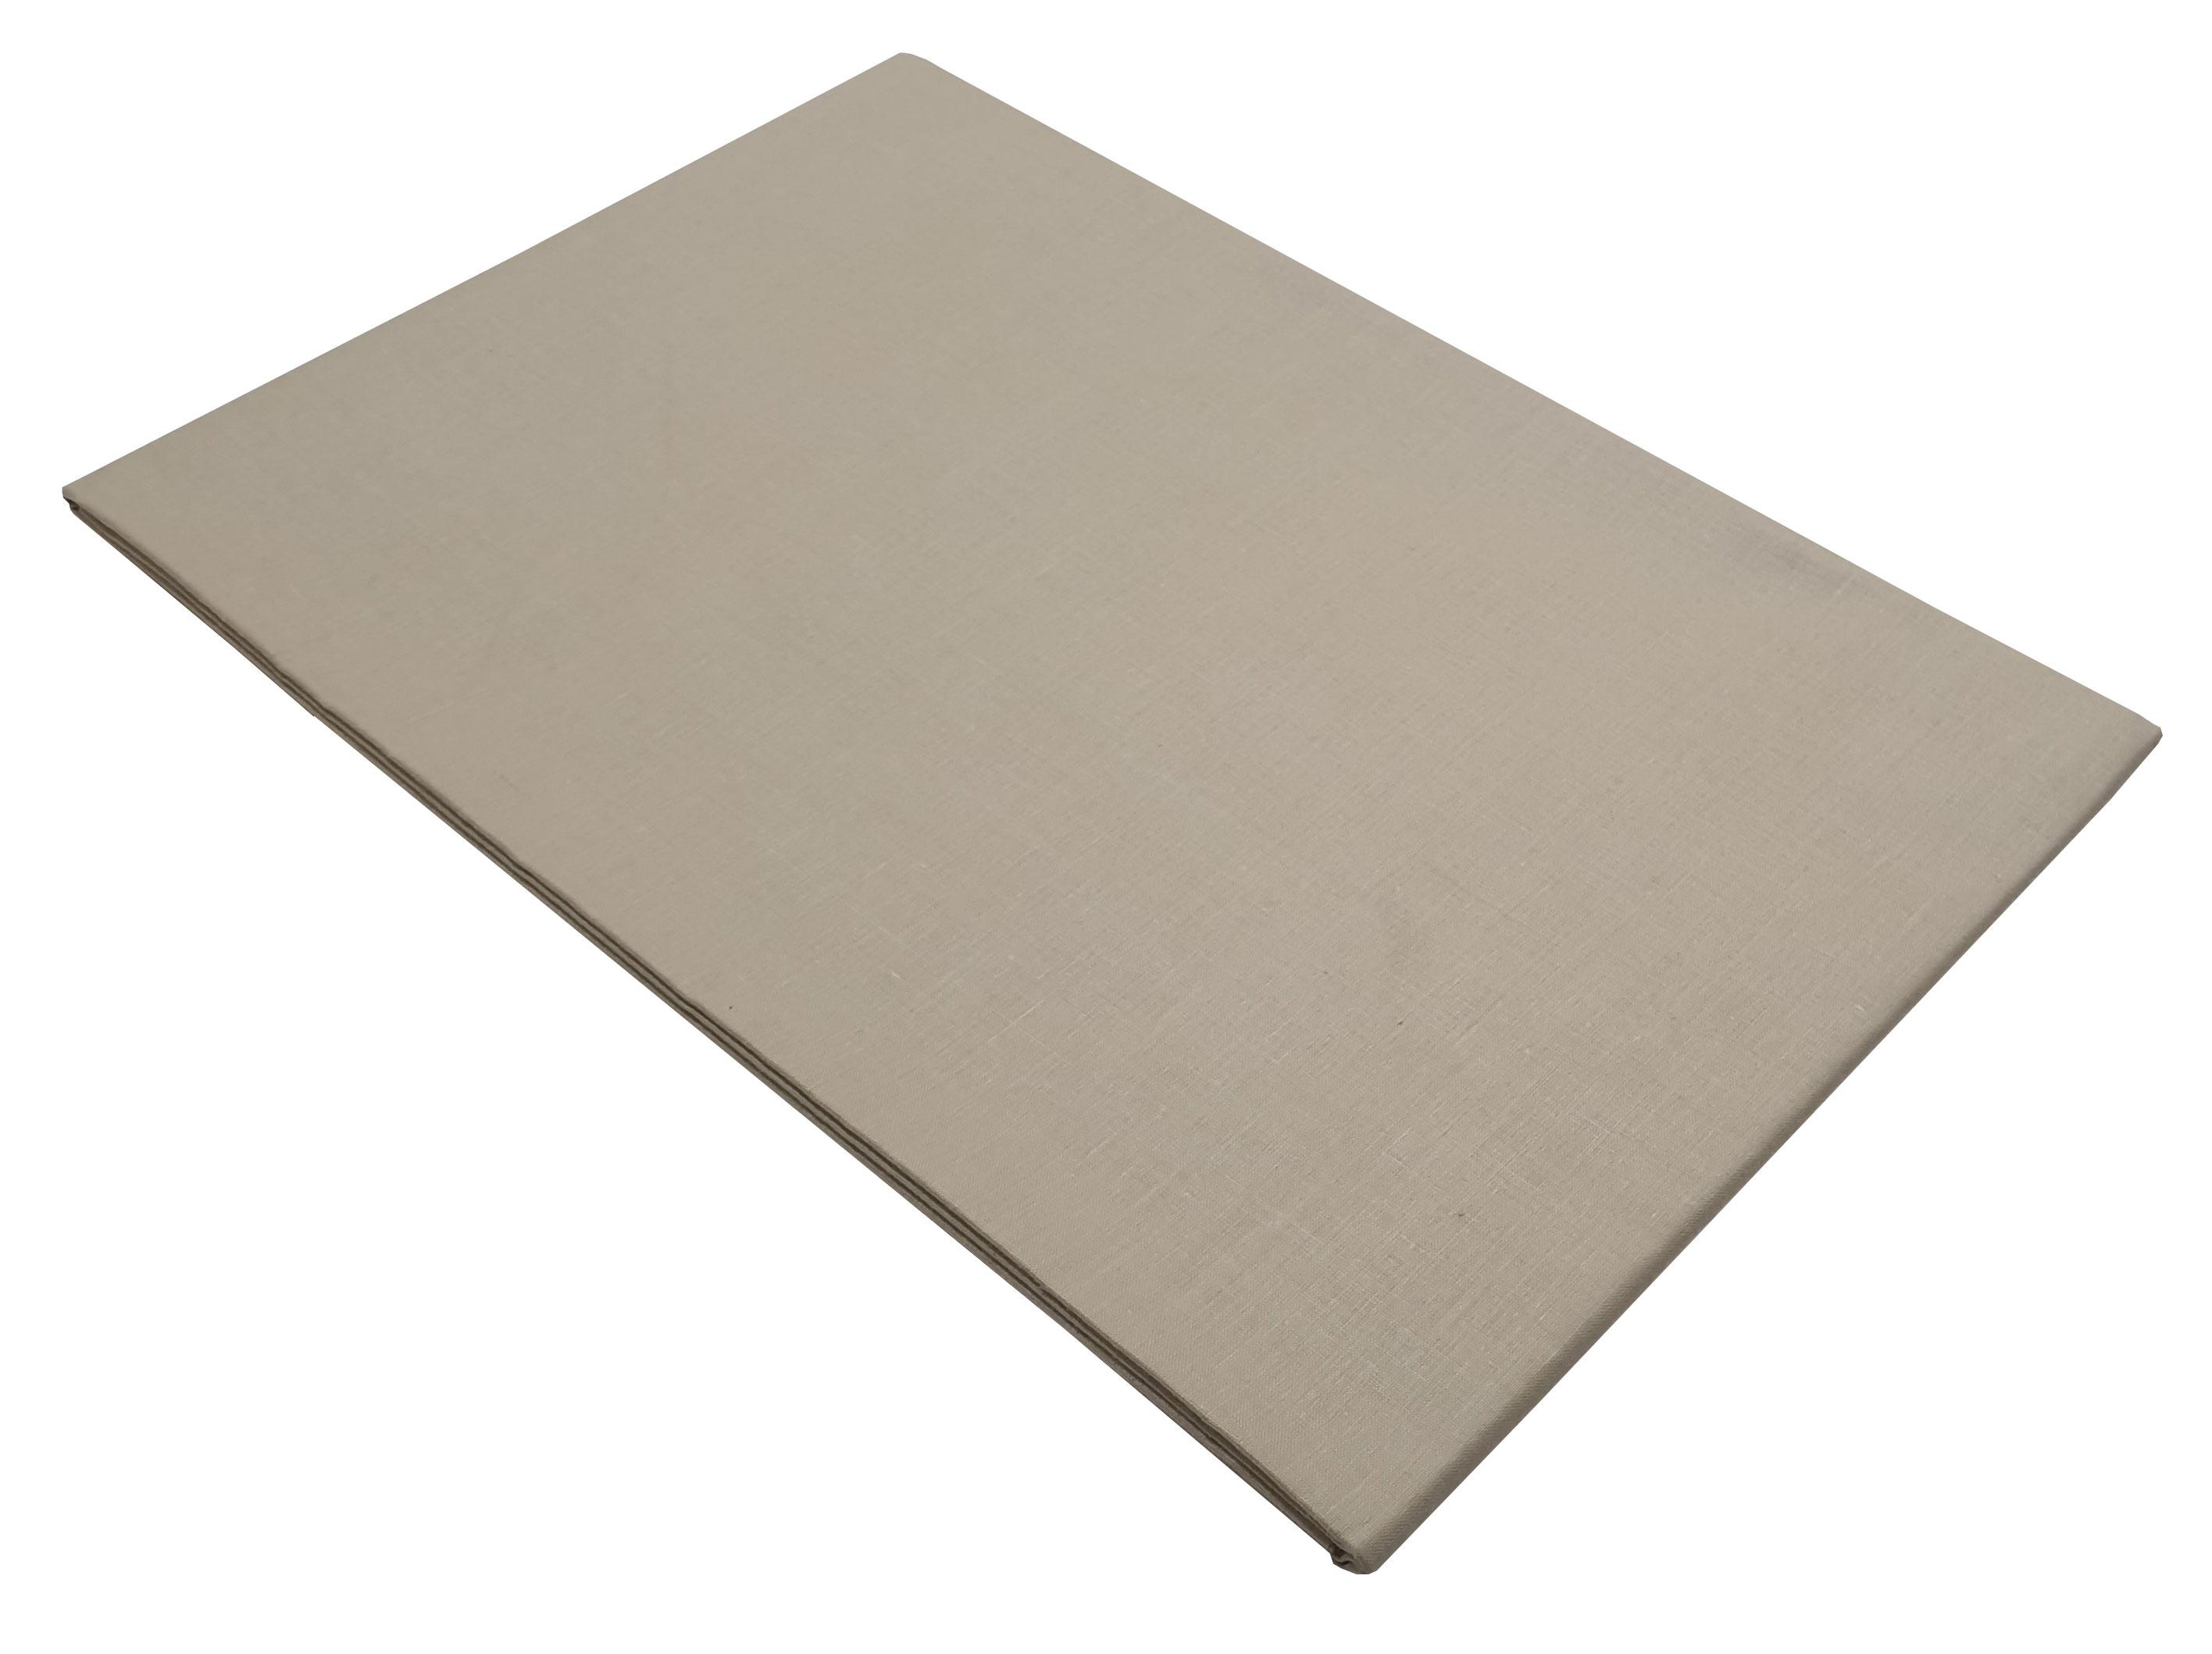 Σεντόνι ΚΟΜΒΟΣ Μπεζ μονόχρωμο Υπέρδιπλο με λάστιχο 170x200+20 - 7002201-4F